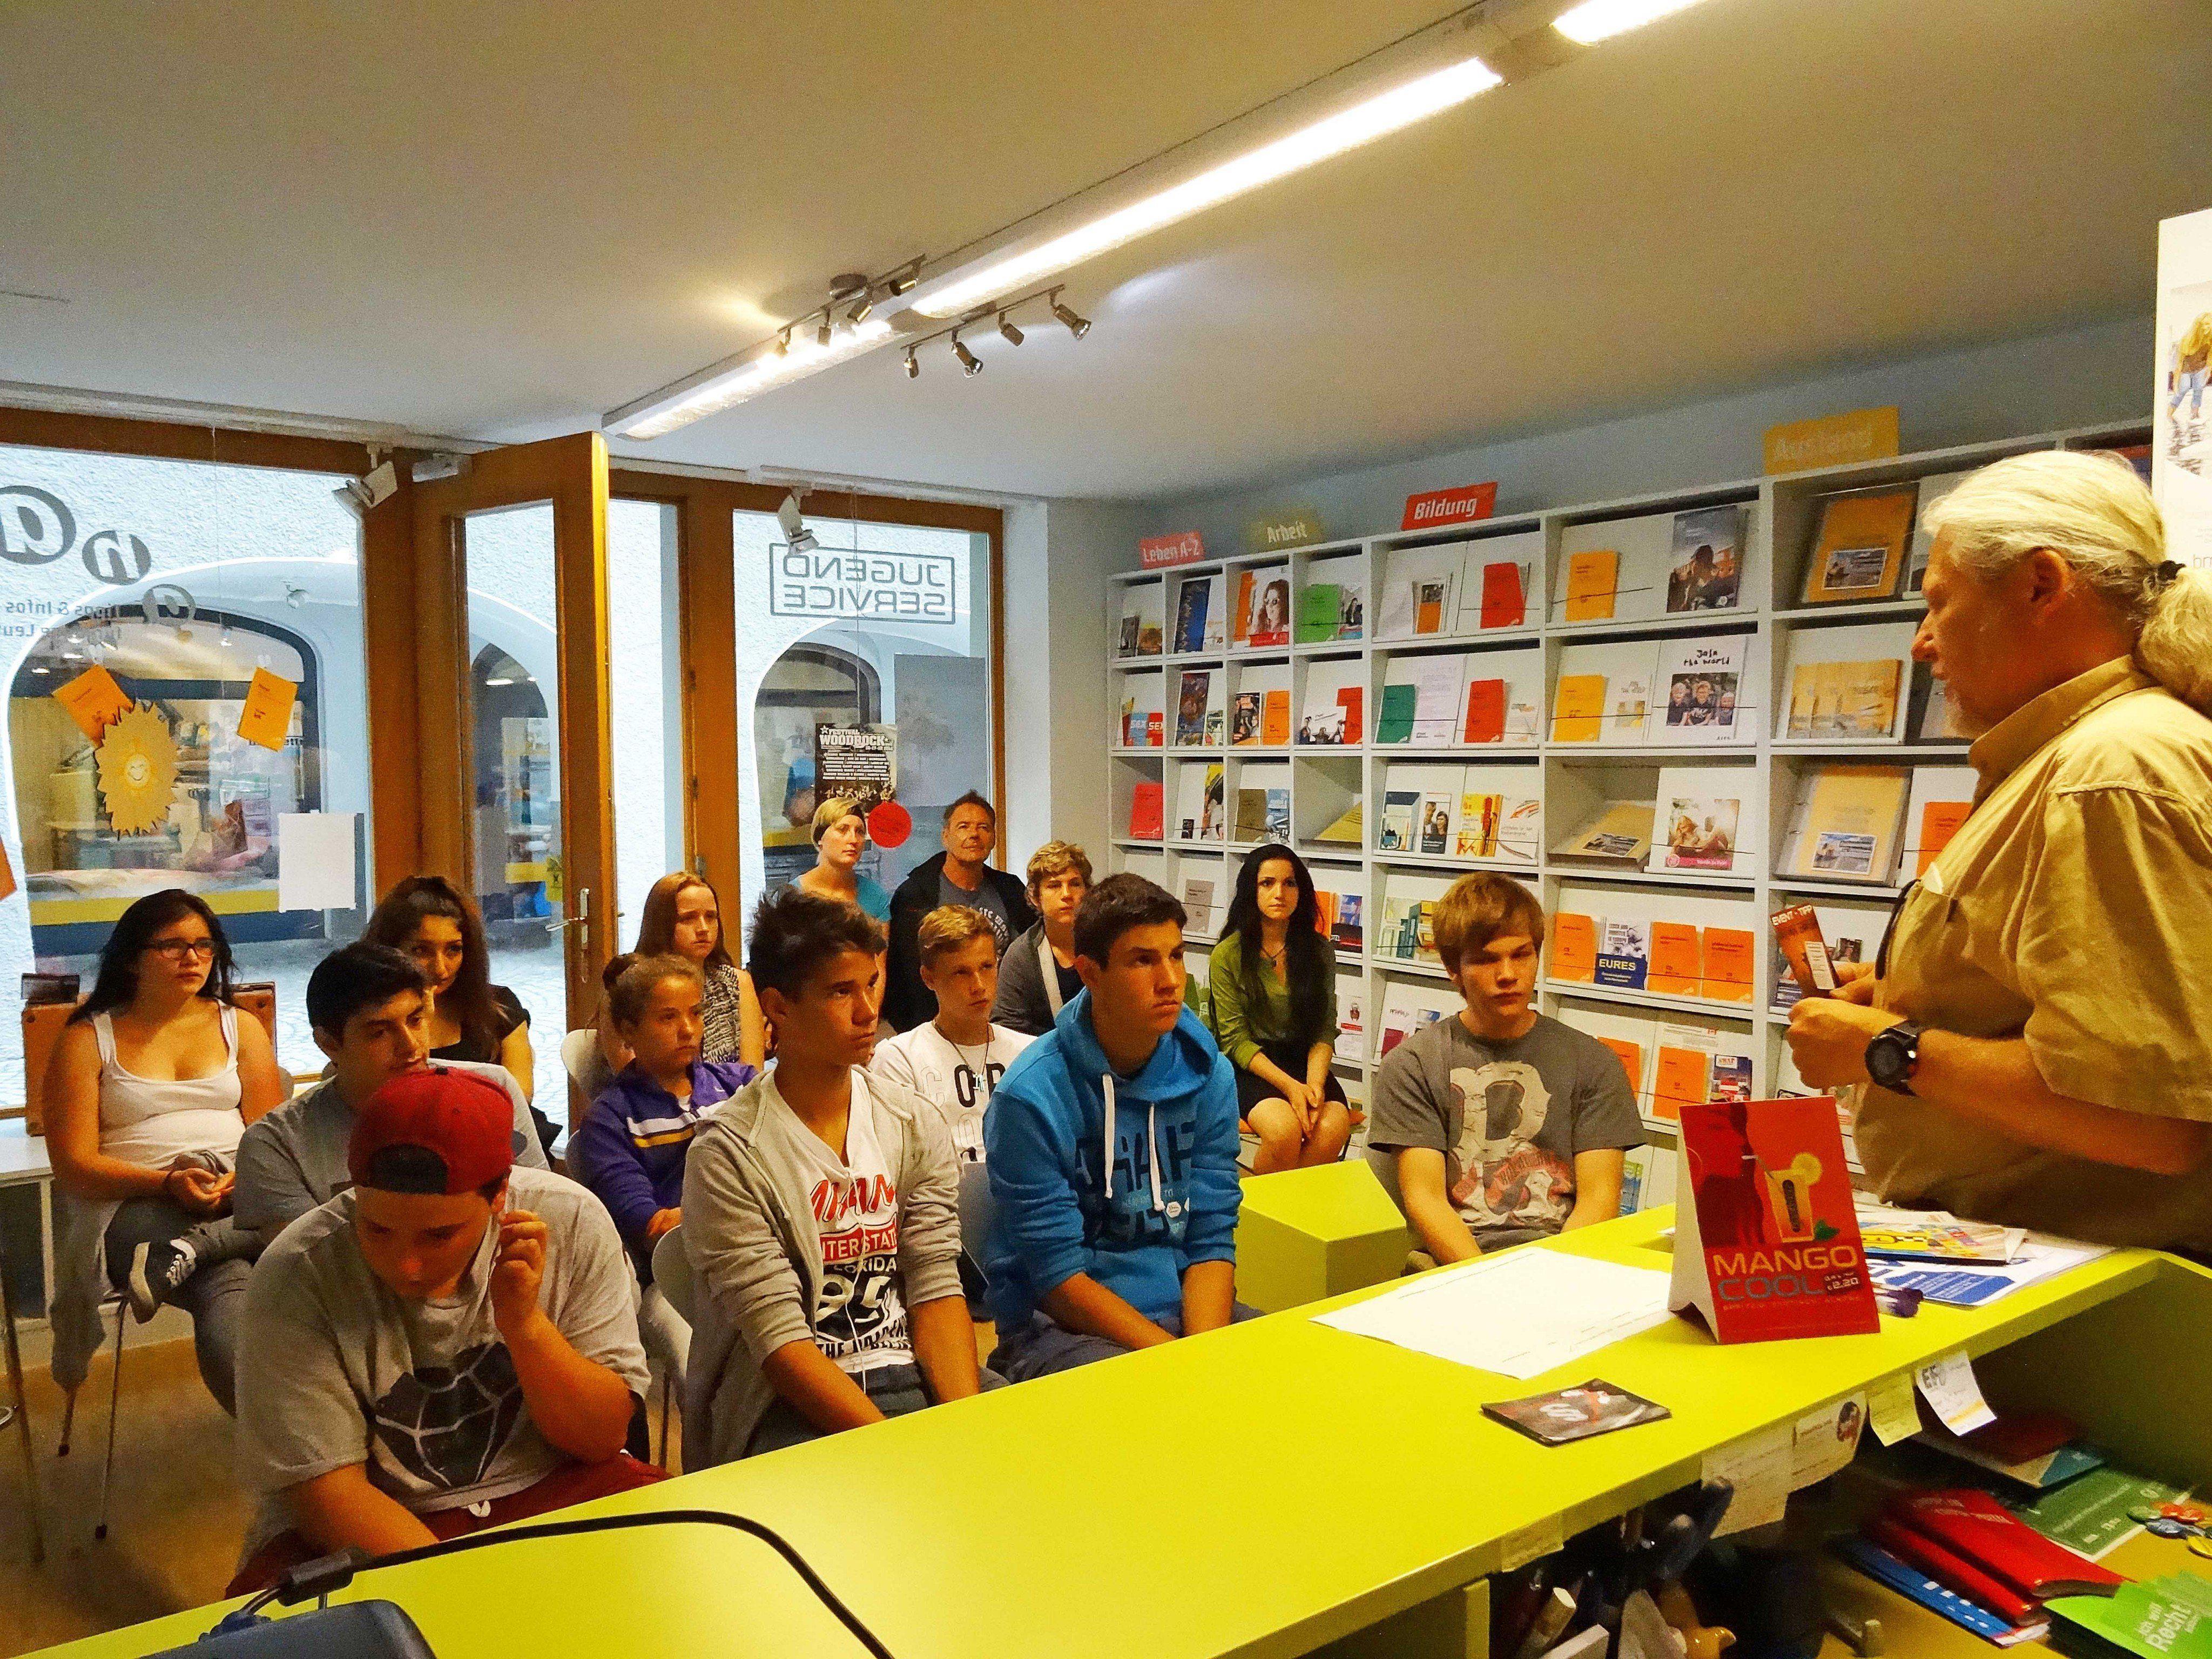 Die Jugendlichen bekamen einen Einblick in verschiedene jugendrelevante Einrichtungen in Bludenz.